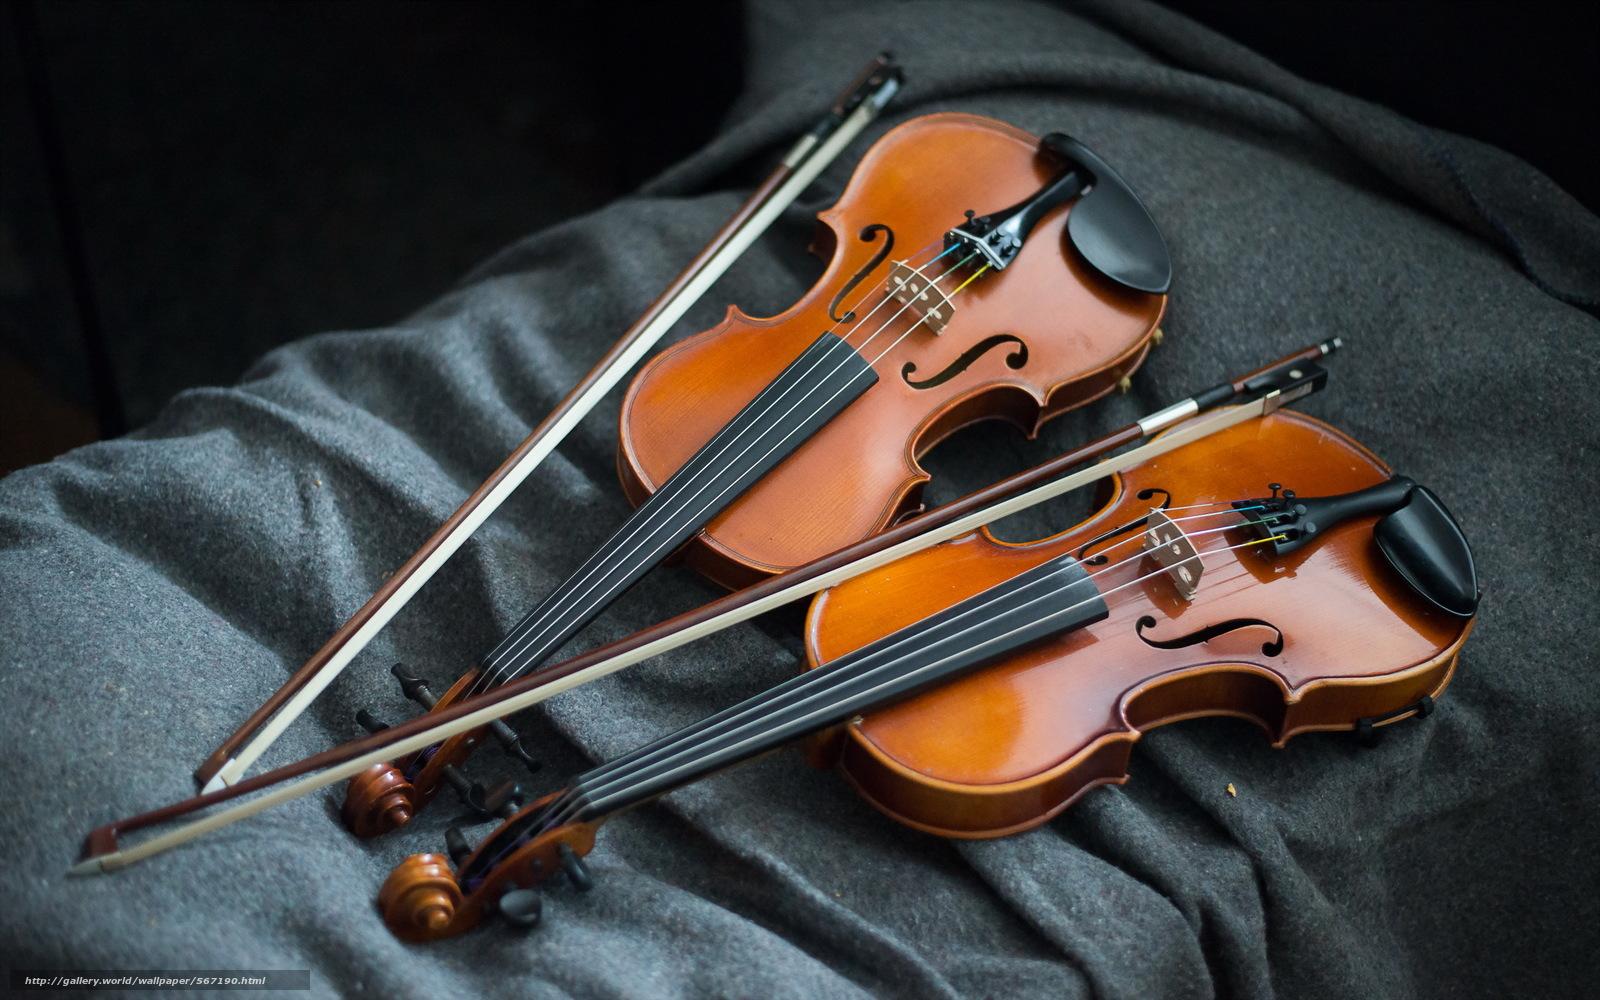 Скачать обои музыка,  фон,  скрипки бесплатно для рабочего стола в разрешении 2560x1600 — картинка №567190